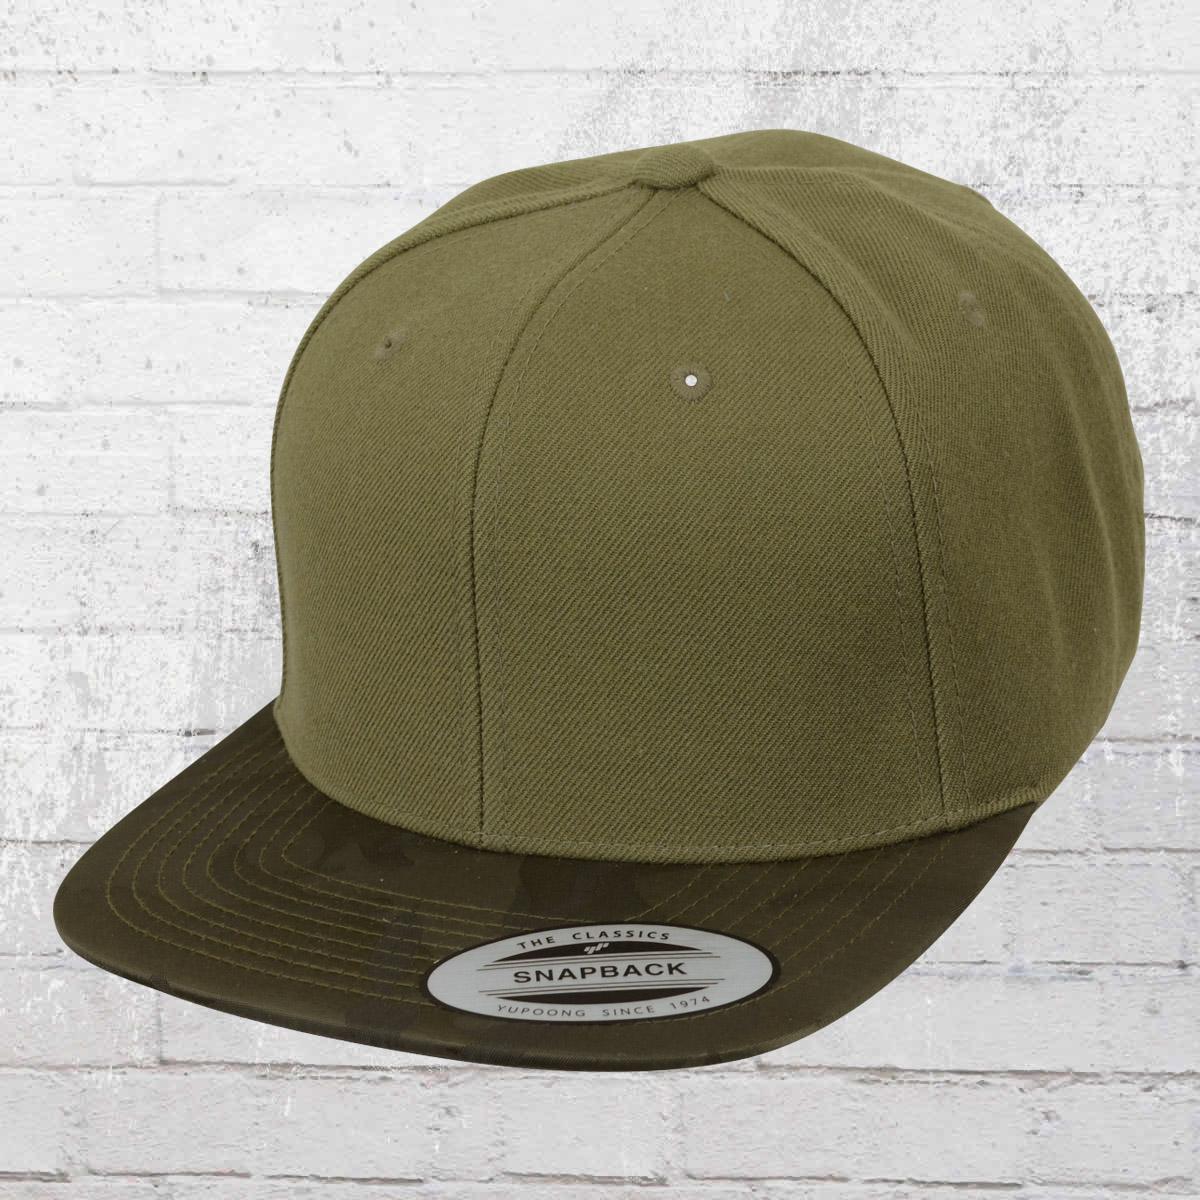 Yupoong Hat Classic Snapback Camo Visor Cap olive green. ›‹ « 3d82a8d69f2